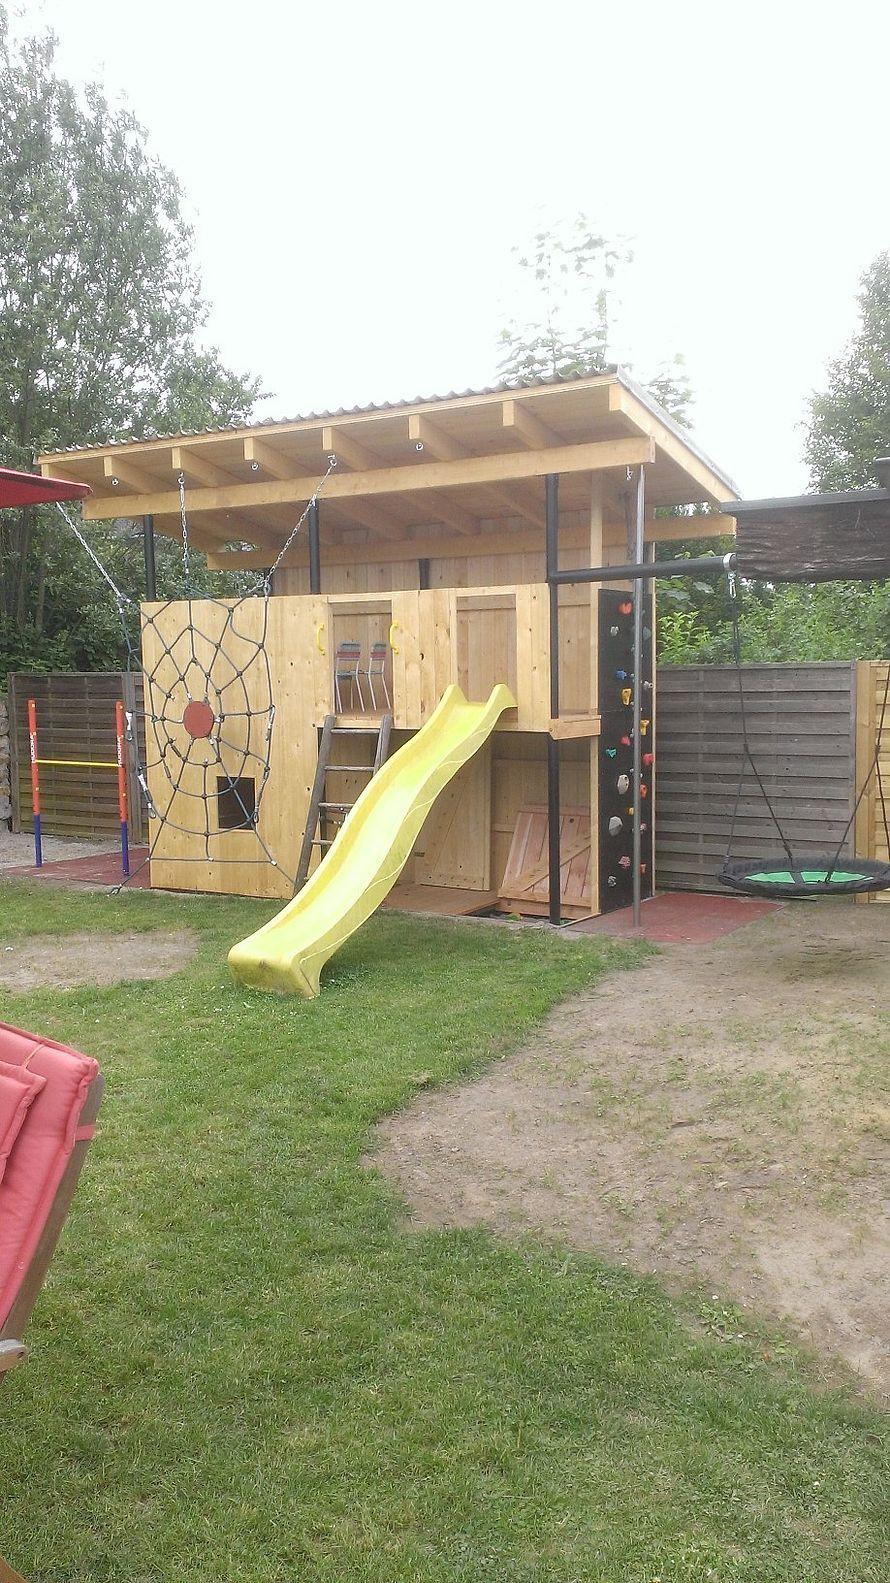 Spielhaus für meine Tochter Hinterhof spielplatz